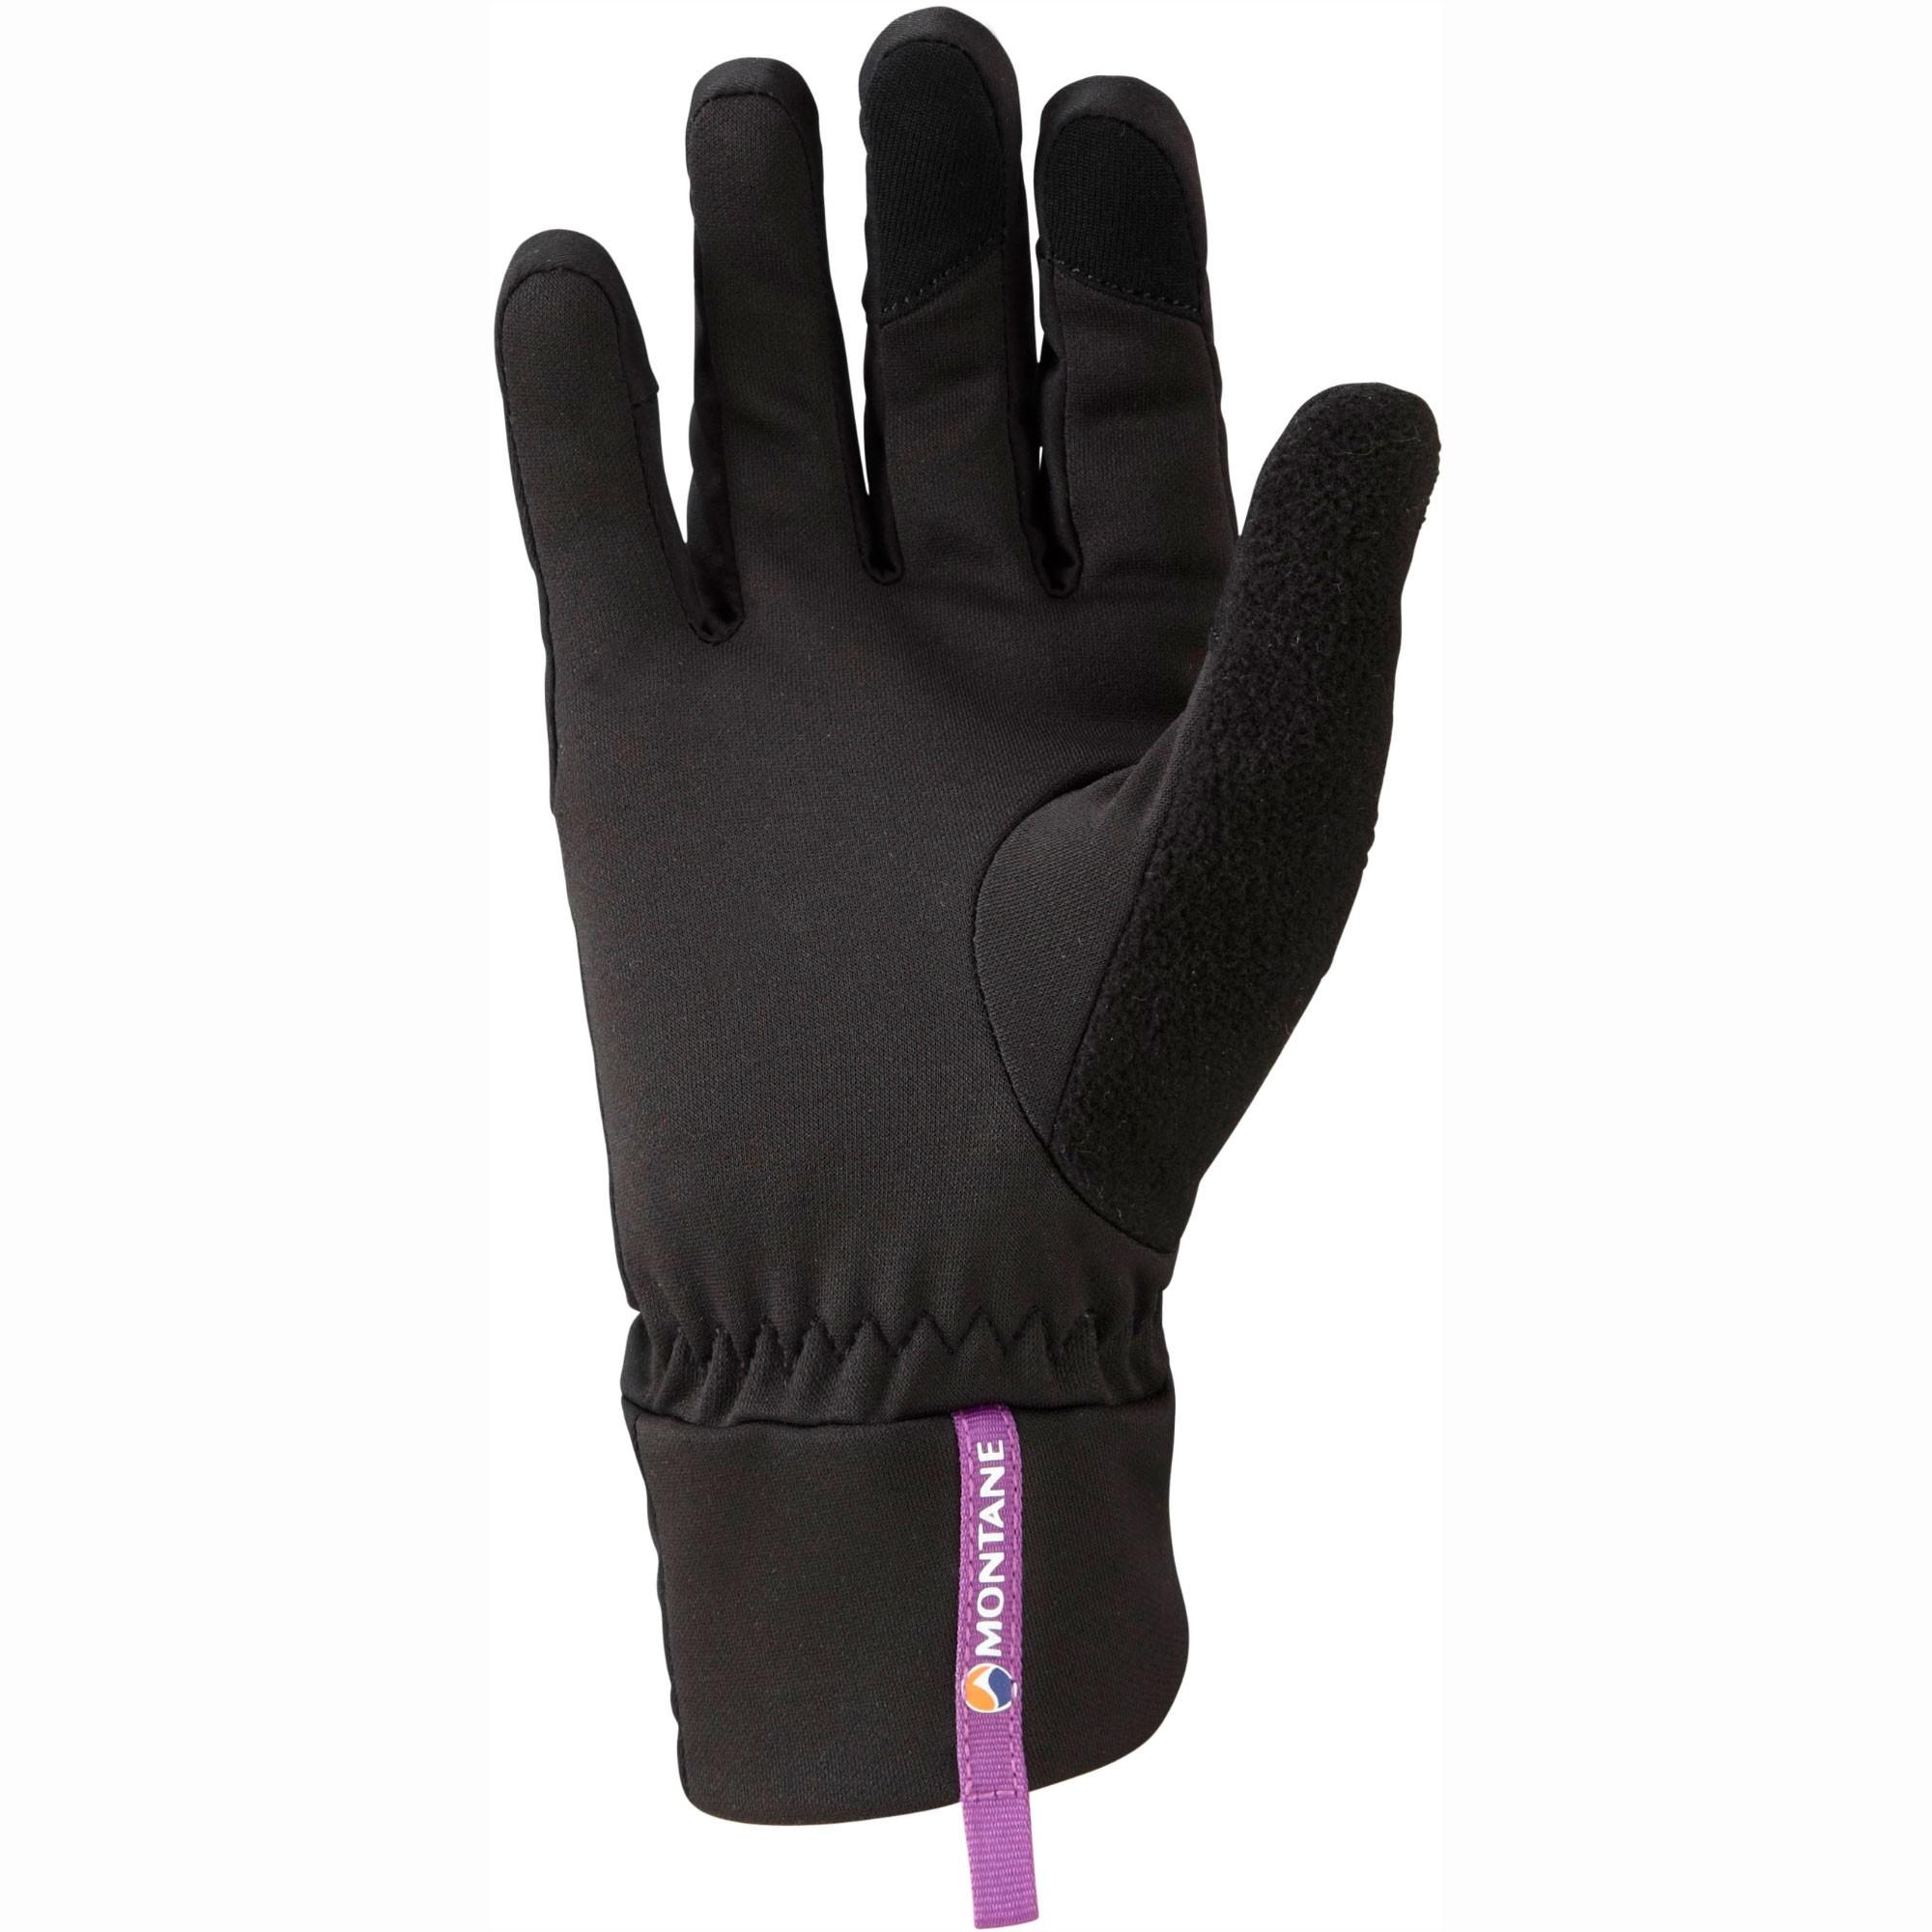 Montane Via Trail Women's Running Gloves - Black